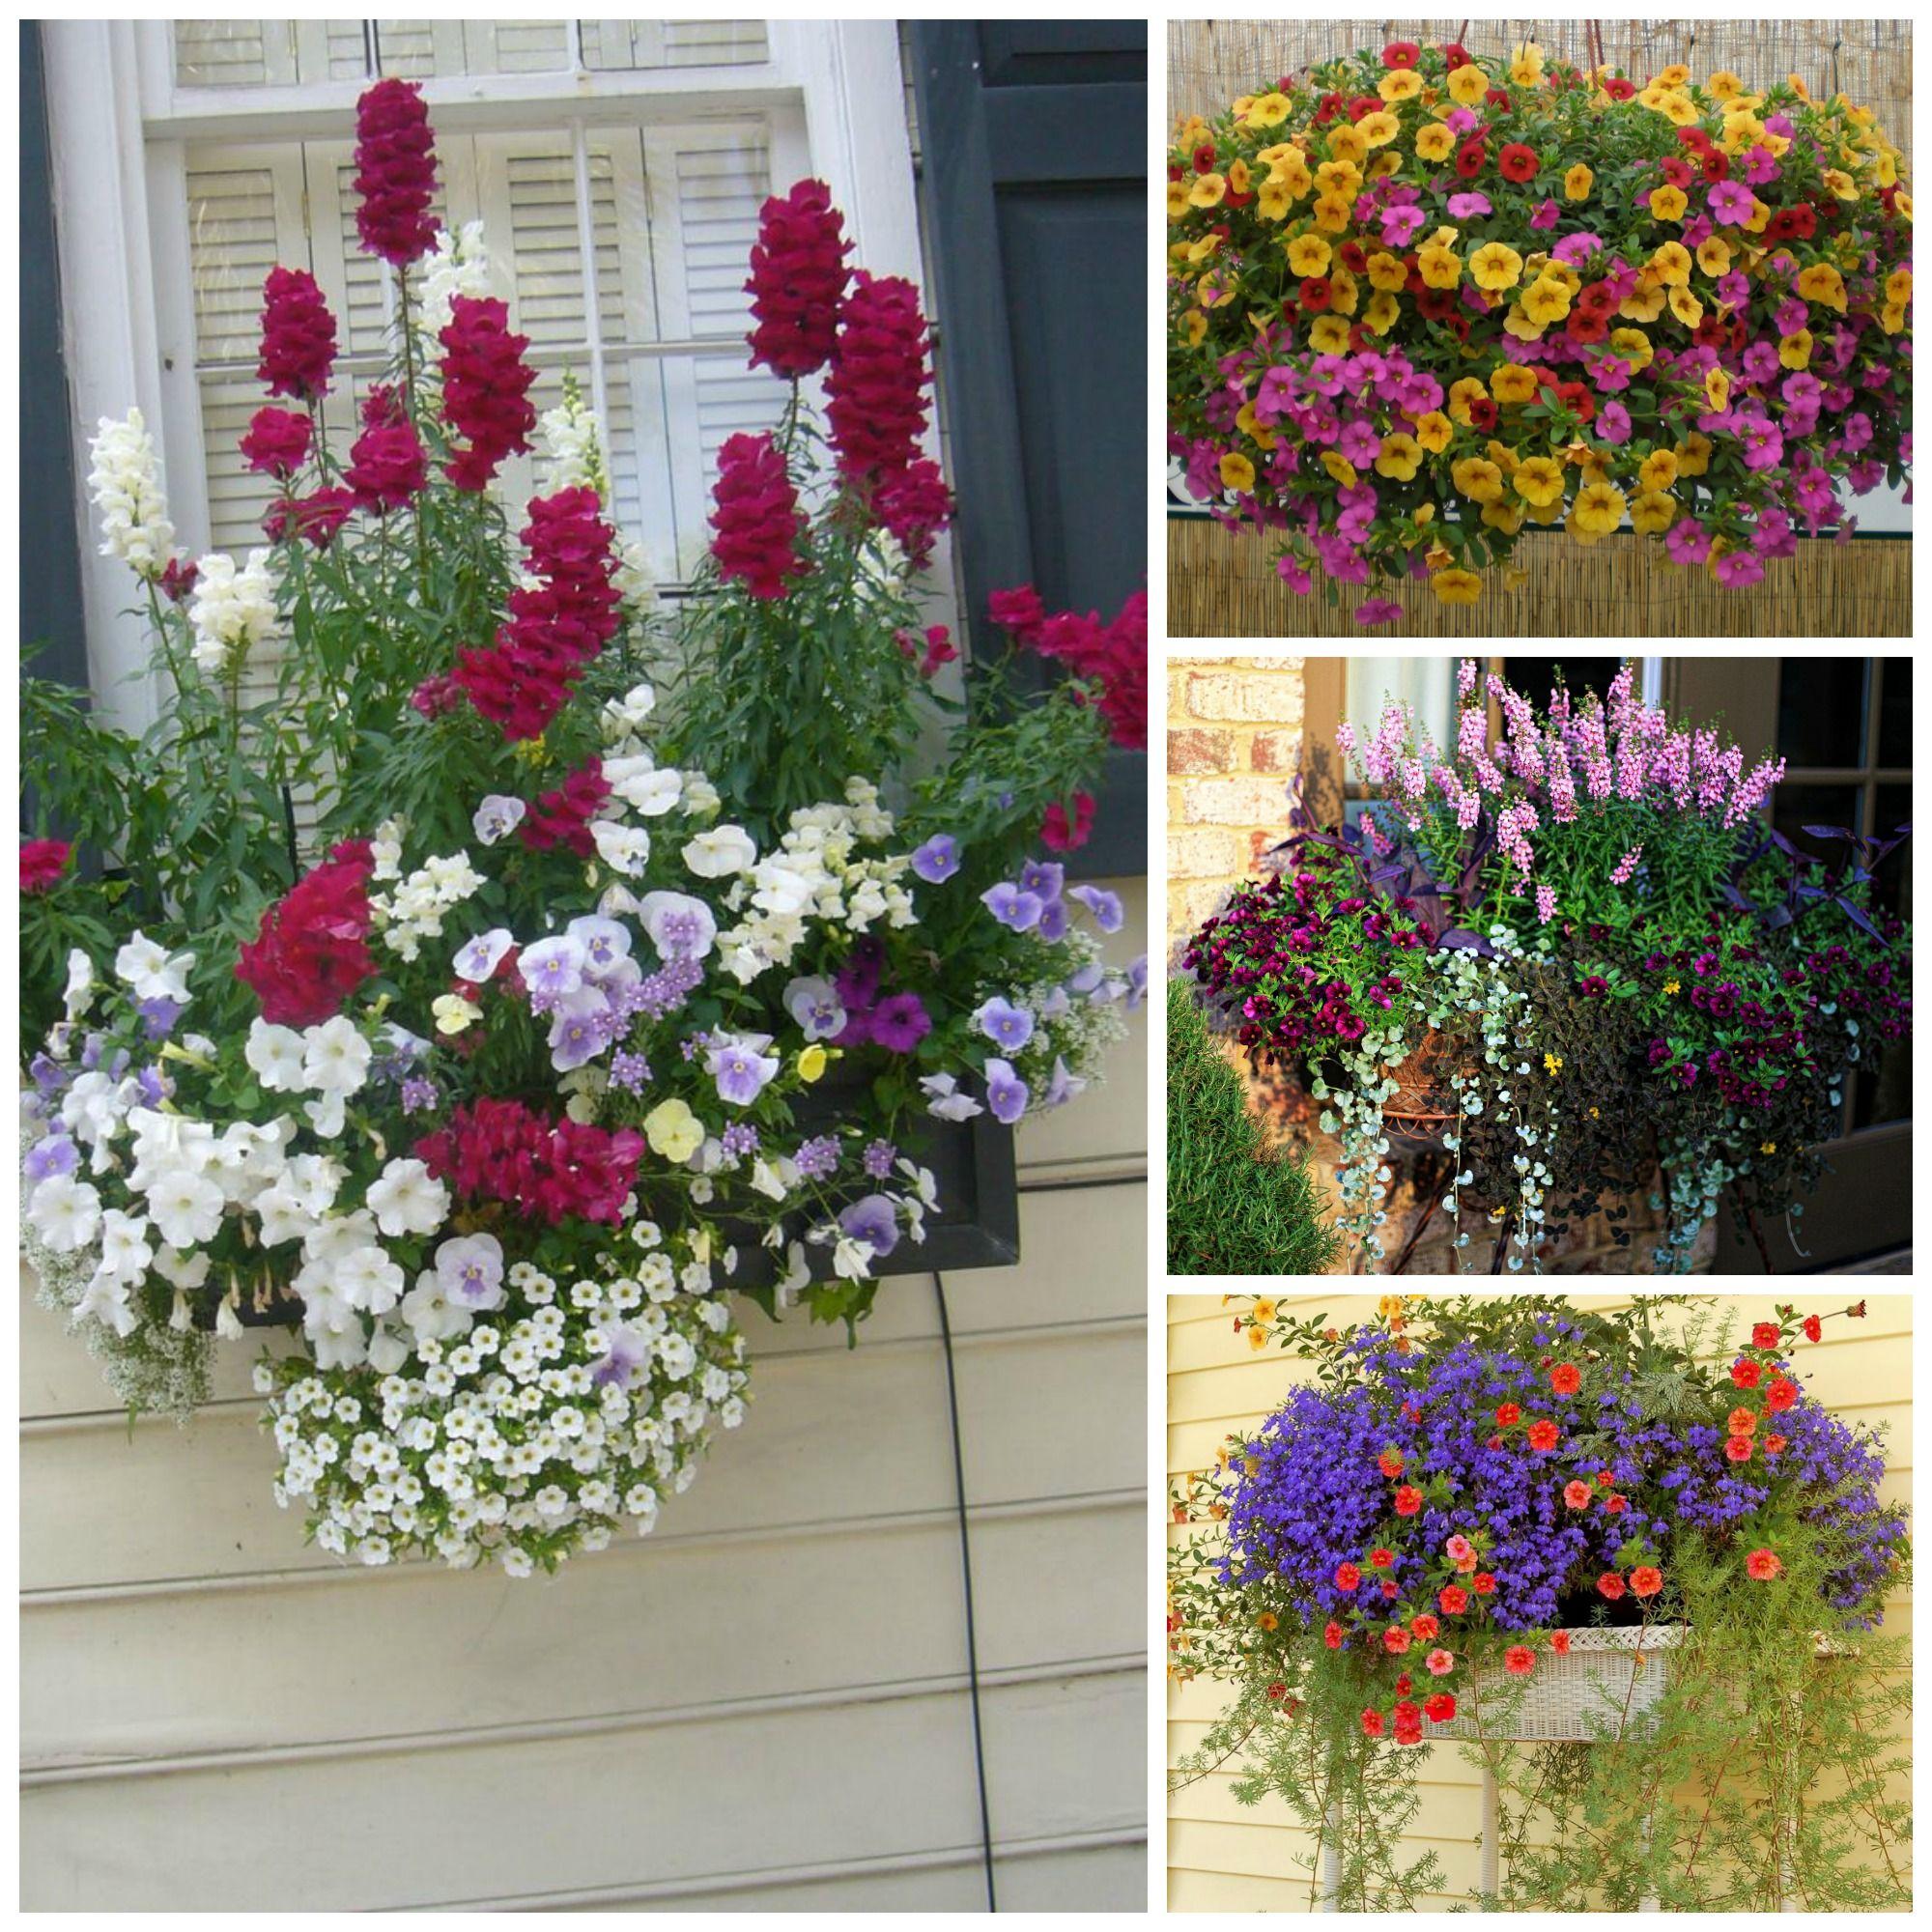 Fioriere da balcone come valorizzare piante e fiori in vaso bigodino - Piante da esterno in vaso ...